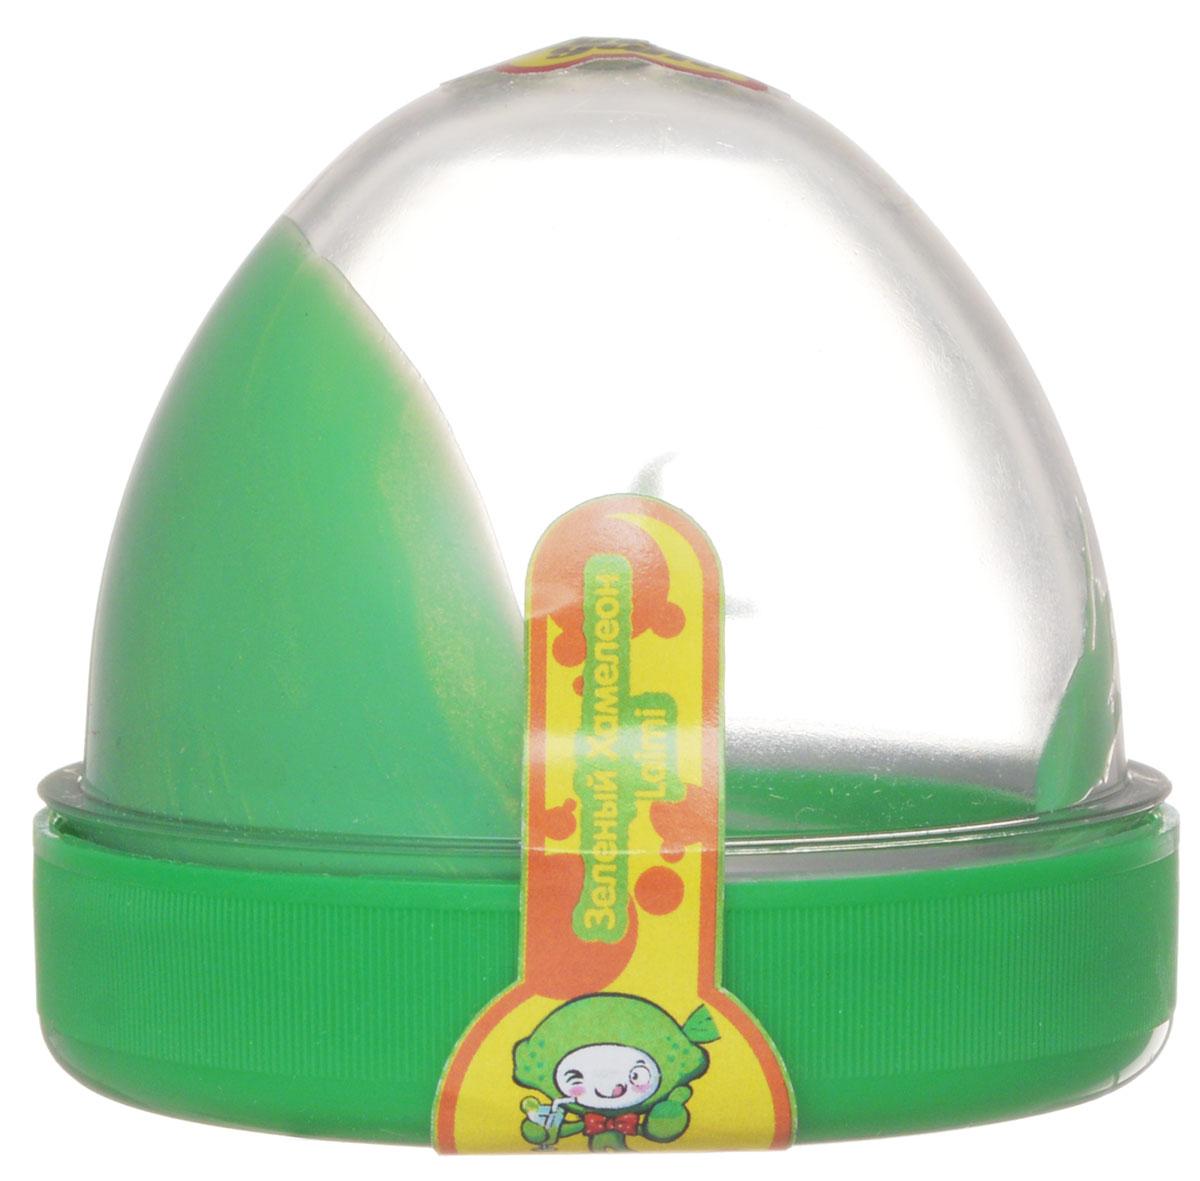 Жвачка для рук ТМ HandGum, цвет: зеленый хамелеон, с запахом лимона, 35 г10277Жвачка для рук Hand Gum цвета зеленый хамалеон с запахом лимона подарит вам позитив и хорошие эмоции. Она радует глаз и дарит нежные тактильные ощущения, способствуя хорошему настроению. Жвачка для рук изготовлена из упругого, пластичного и приятного на ощупь материала, ее можно растягивать, как резину, а если сильно дернуть, то можно порвать. Из нее отлично получаются скульптуры, которые живут считанные минуты, постепенно превращаясь в лужи. Прилепите ее на дверную ручку - и он капнет, скатайте шарик и ударьте об пол - он подпрыгнет. Кубик, кстати, тоже подпрыгнет, но совсем не туда, куда ожидается. Характеристики: Цвет: зеленый хамелеон. Вес: 35 г. Размер упаковки: 5,5 см х 6 см х 6 см.